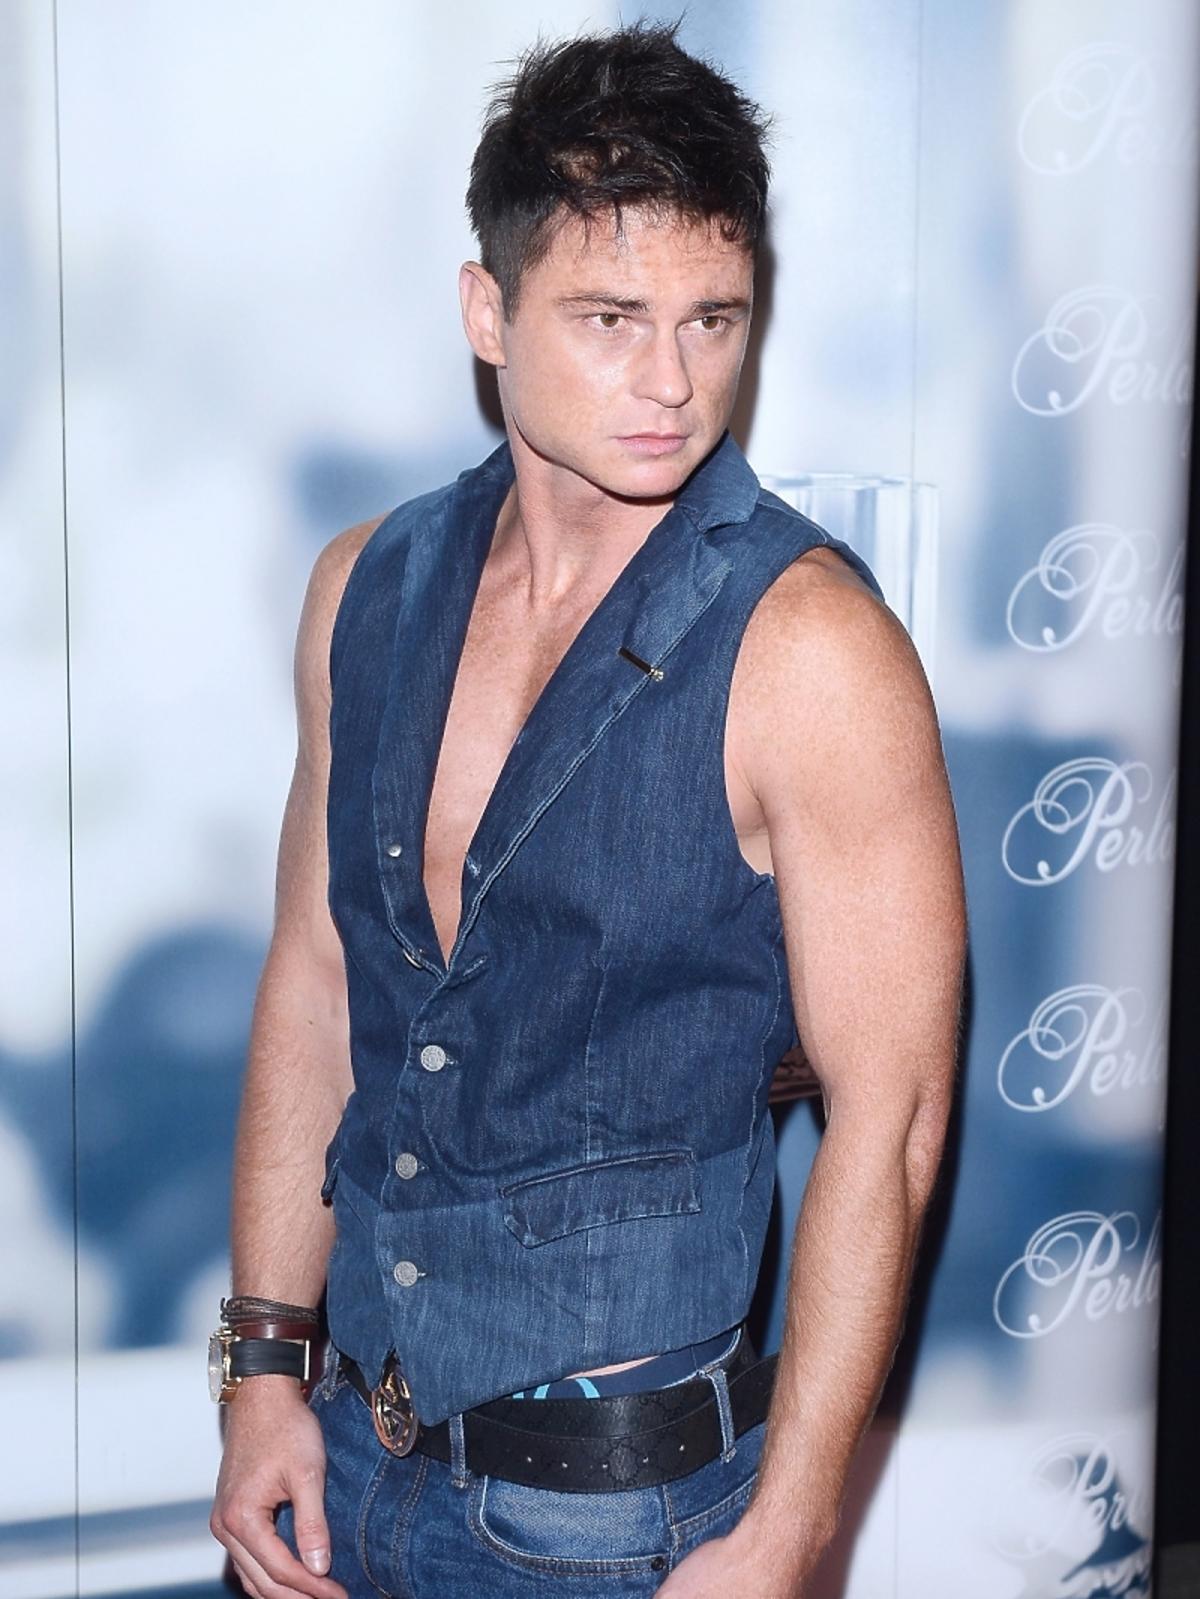 Kim jest Tomasz Wiśniewski. Tomasz Wiśniewski z Top Model. Polak w brytyjskim Top Model. Tomasz Wiśniewski w Top Model